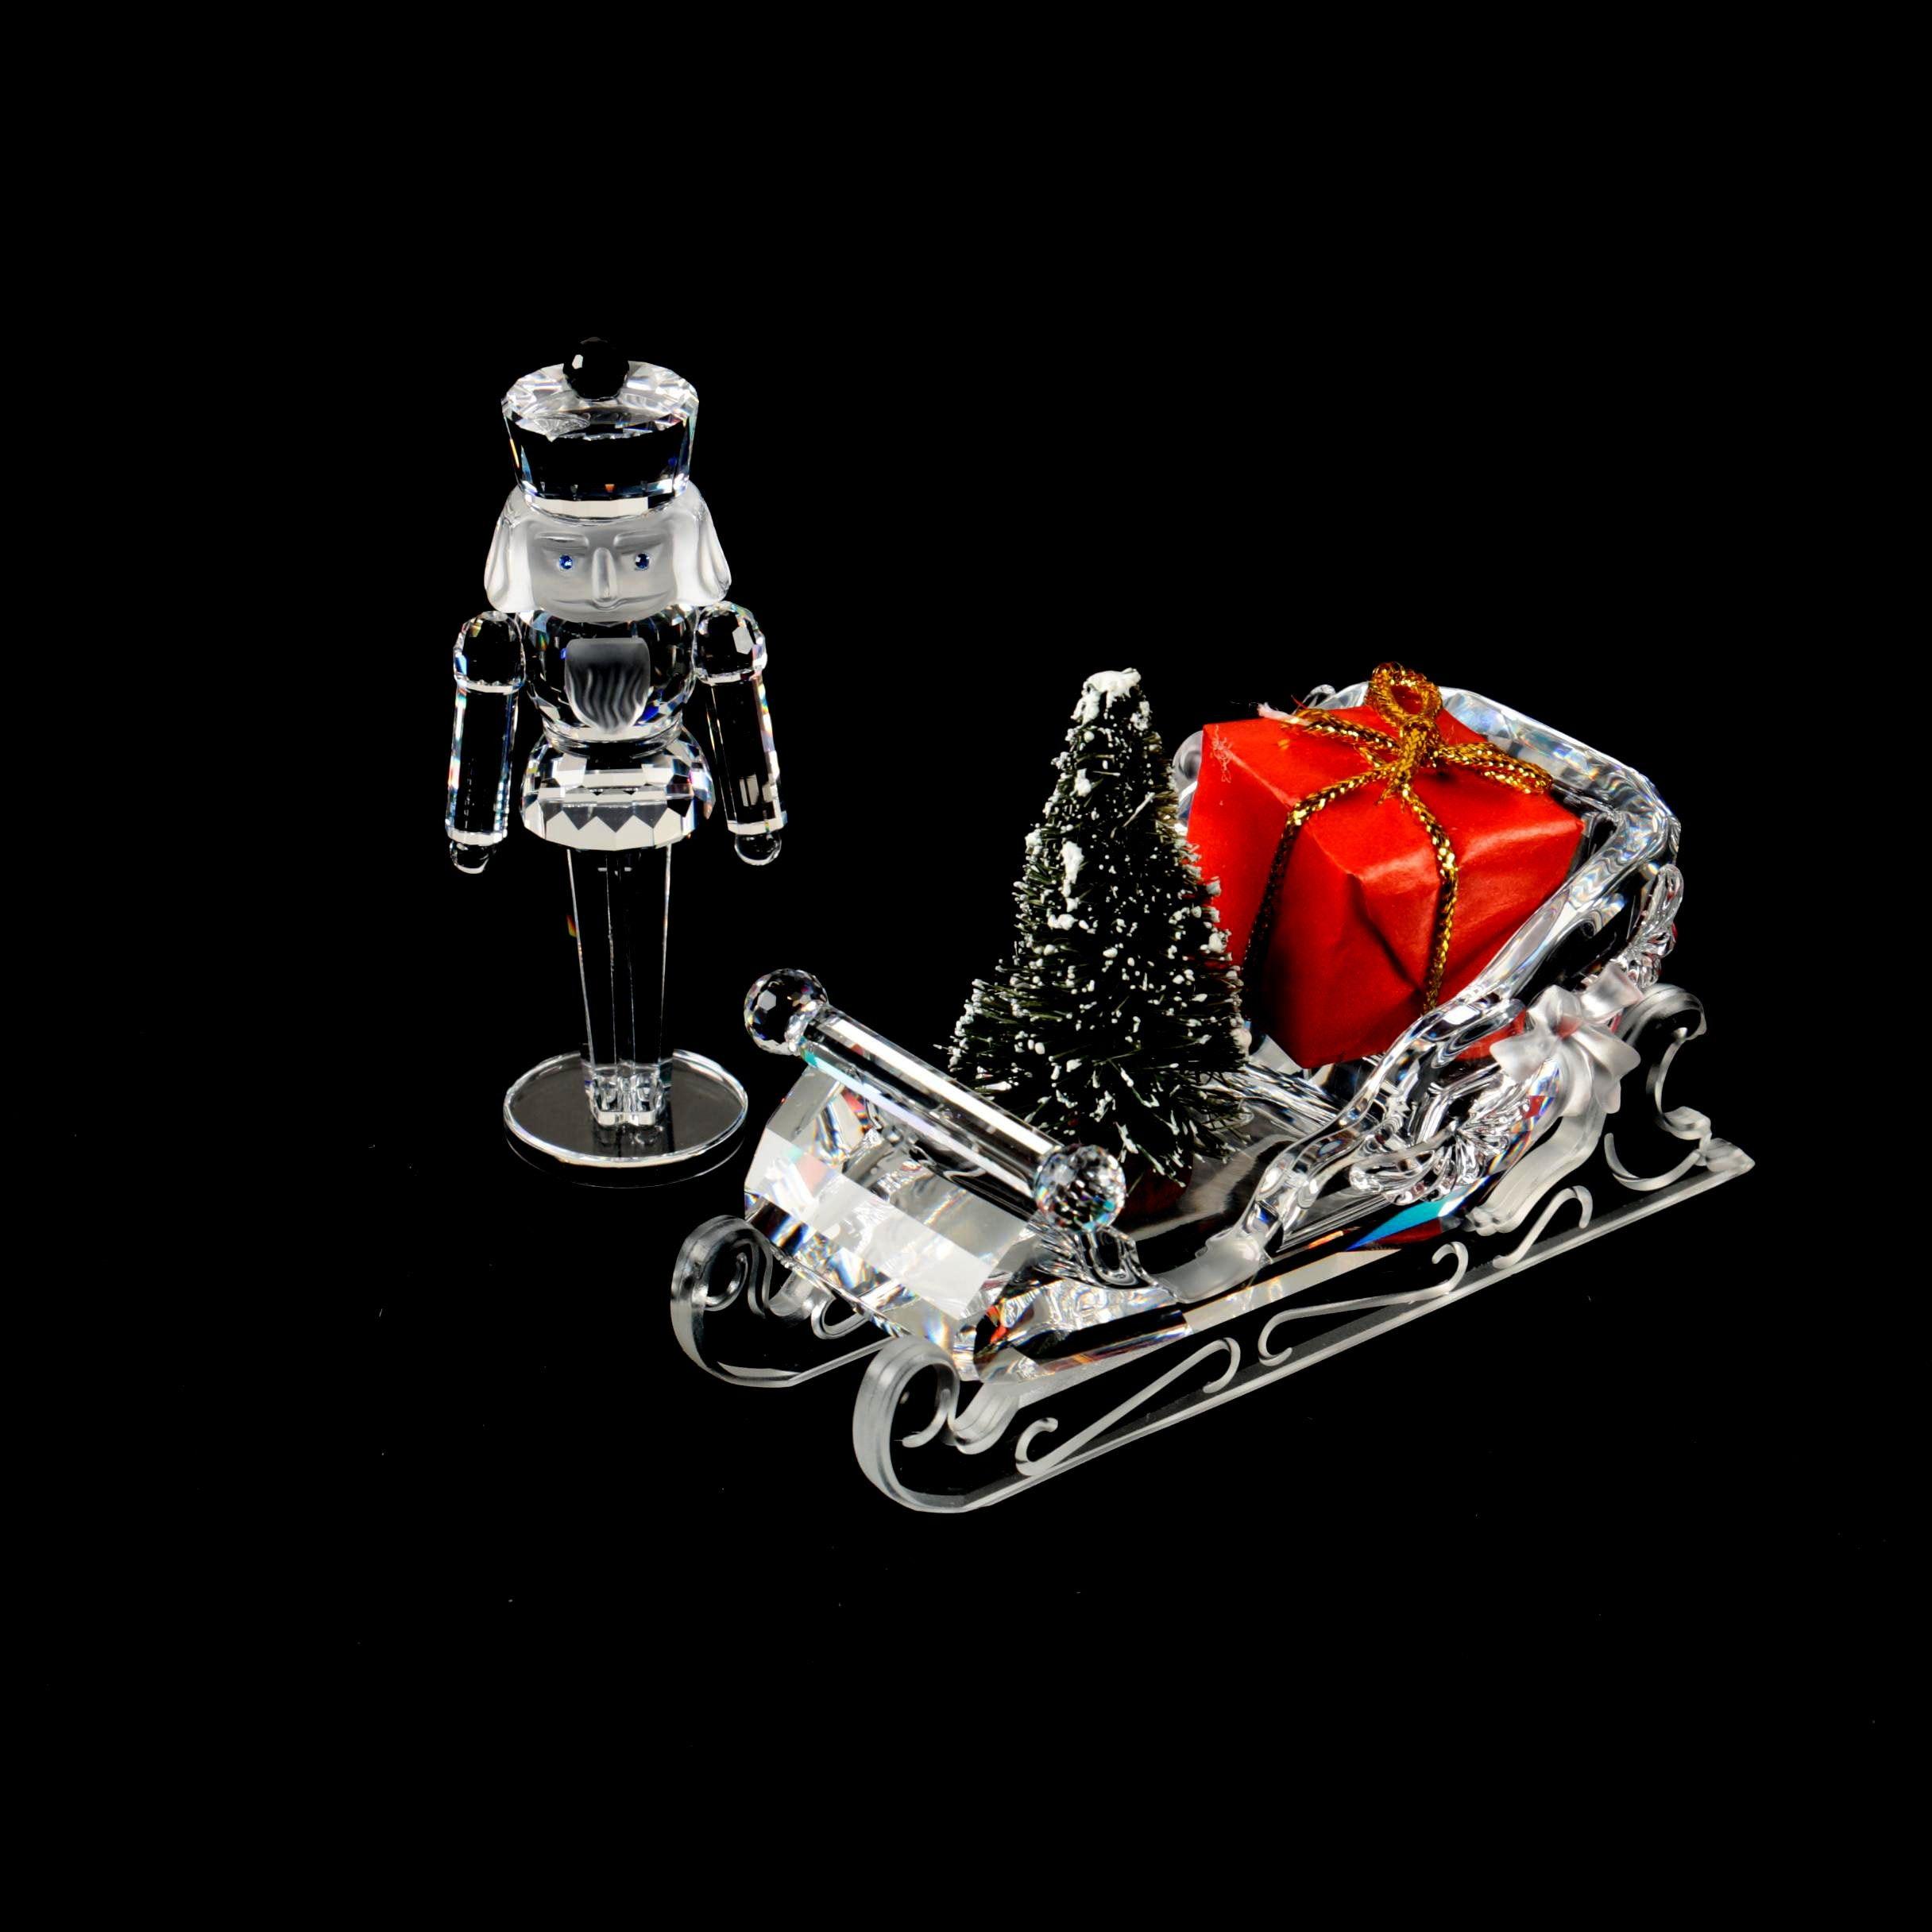 Swarovski Crystal Sleigh and Nutcracker Figurines